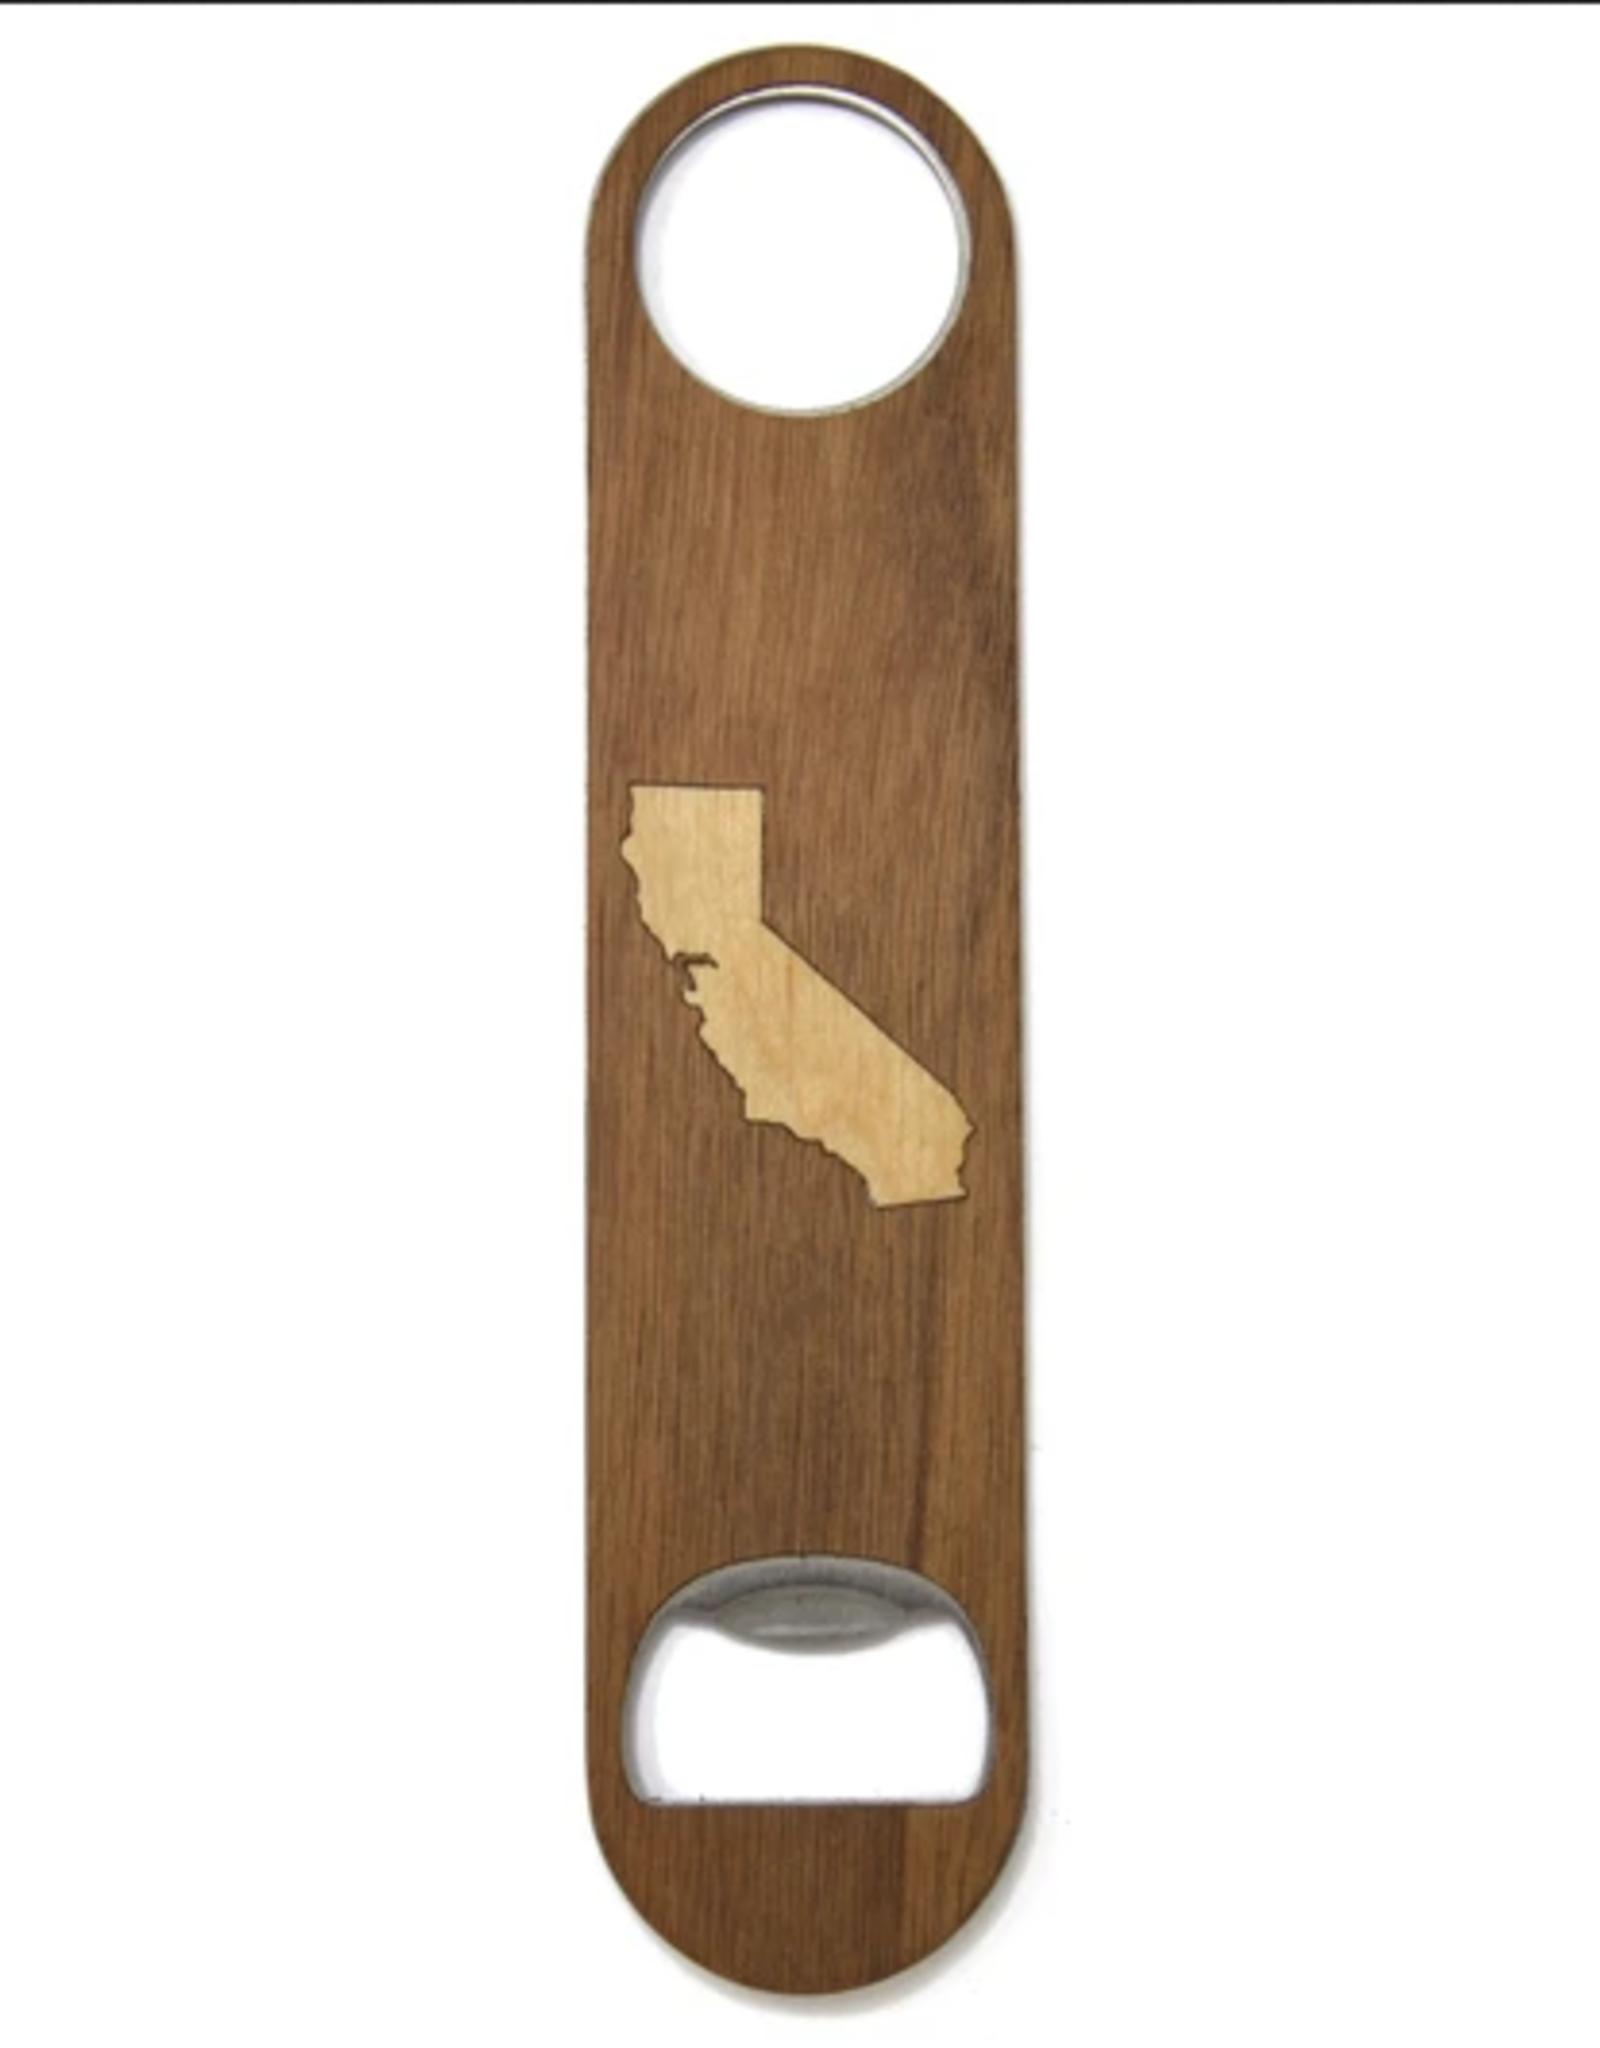 California Bottle Opener